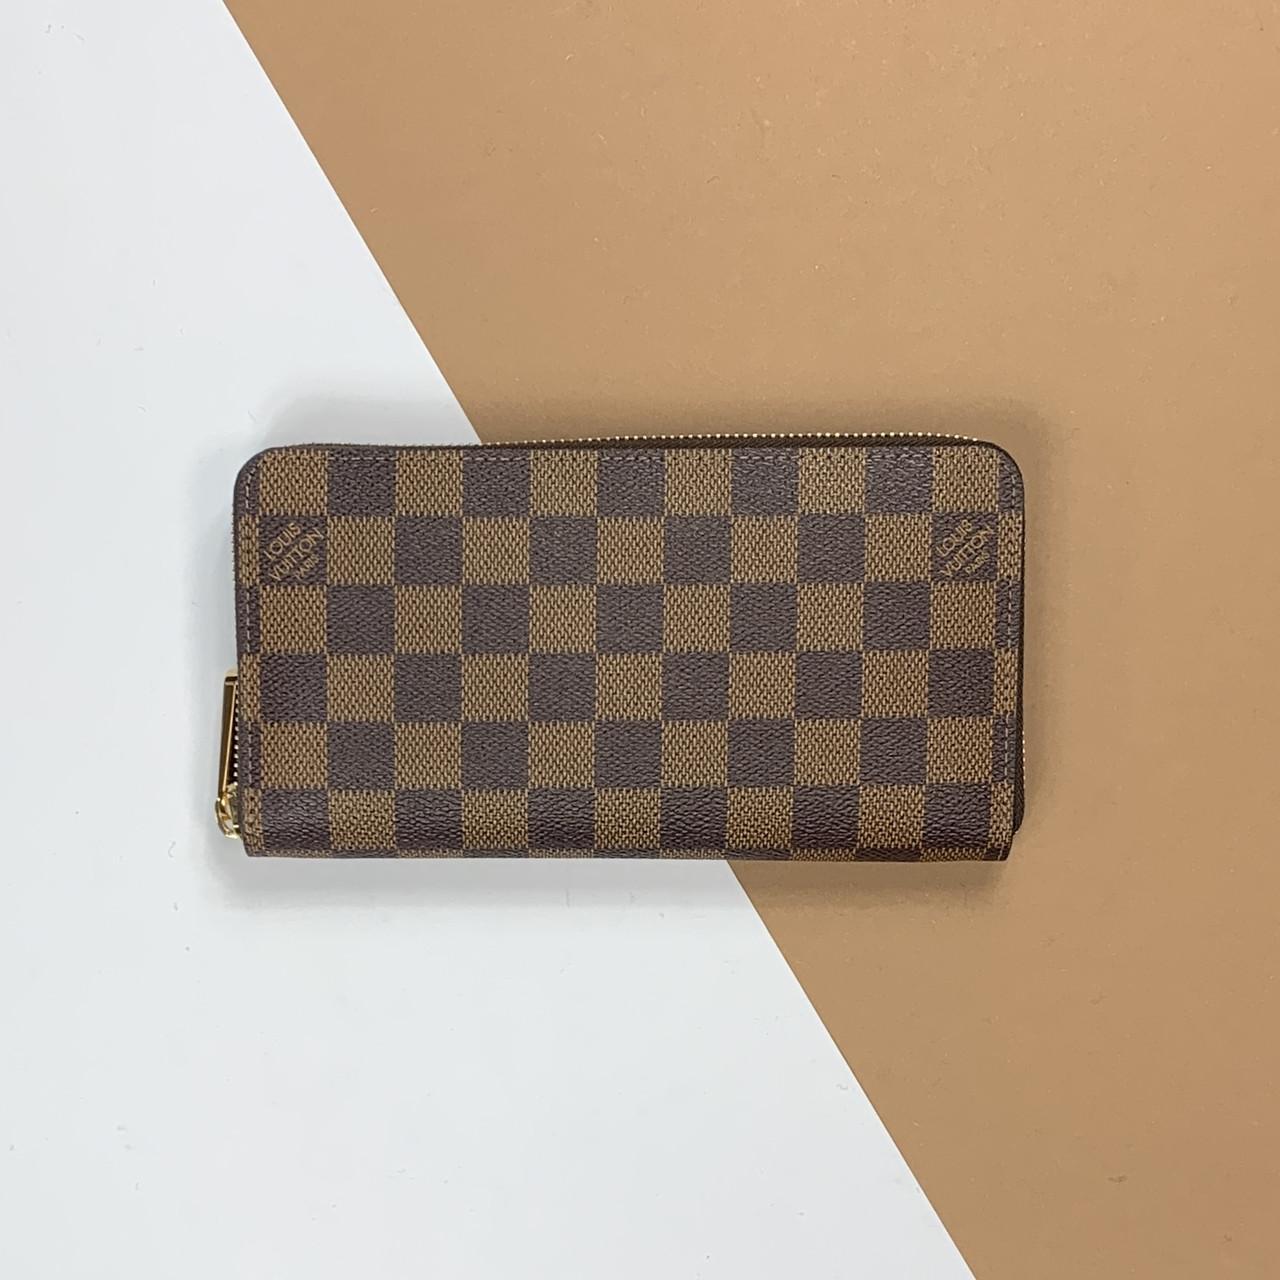 Кошелек Louis Vuitton Zippy (Луи Виттон) арт. 22-138